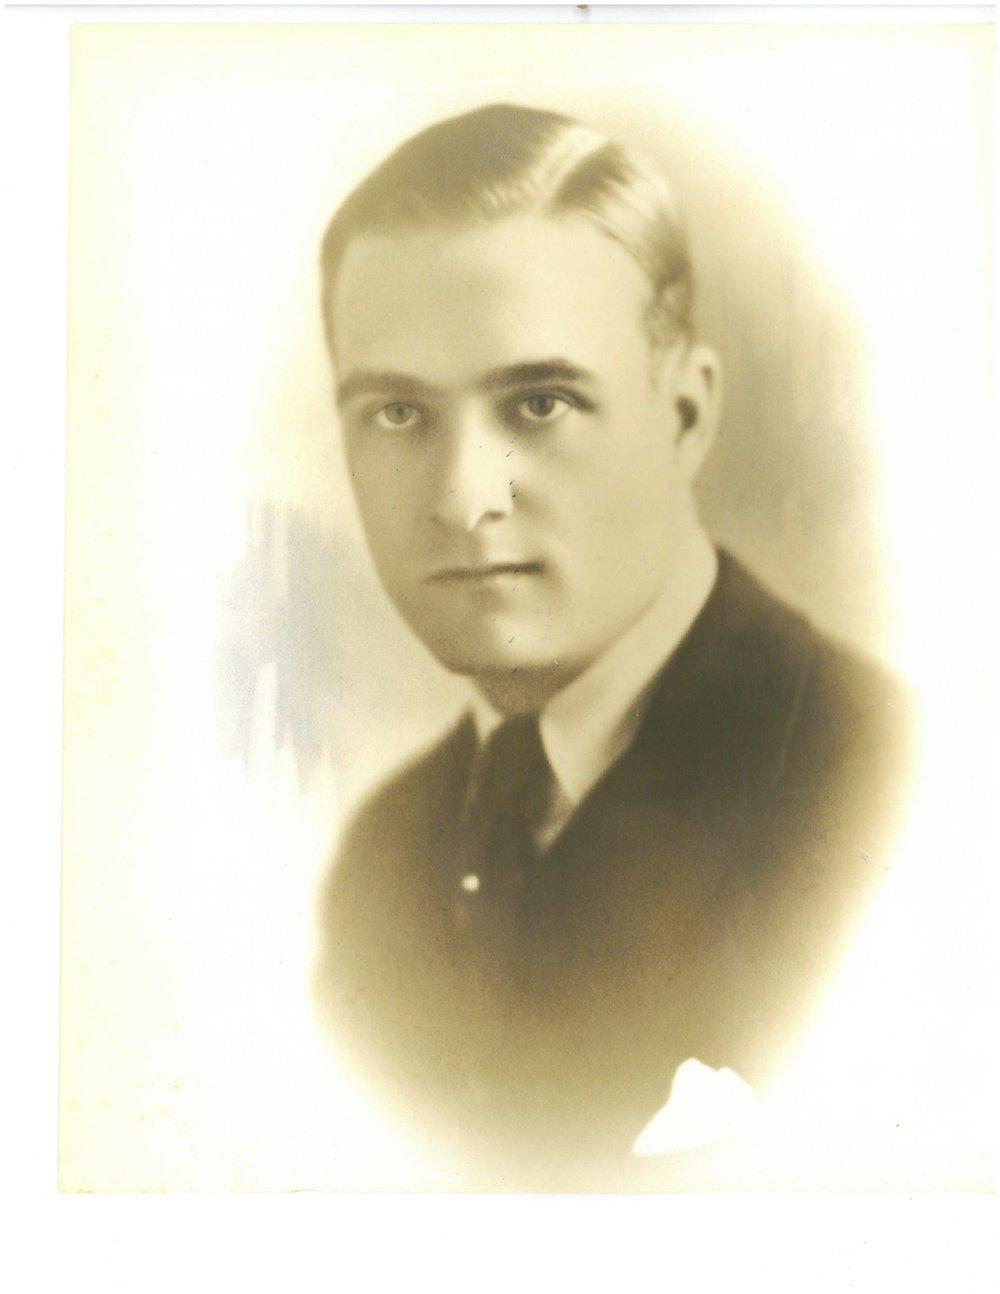 Portrait of W.T. Moran